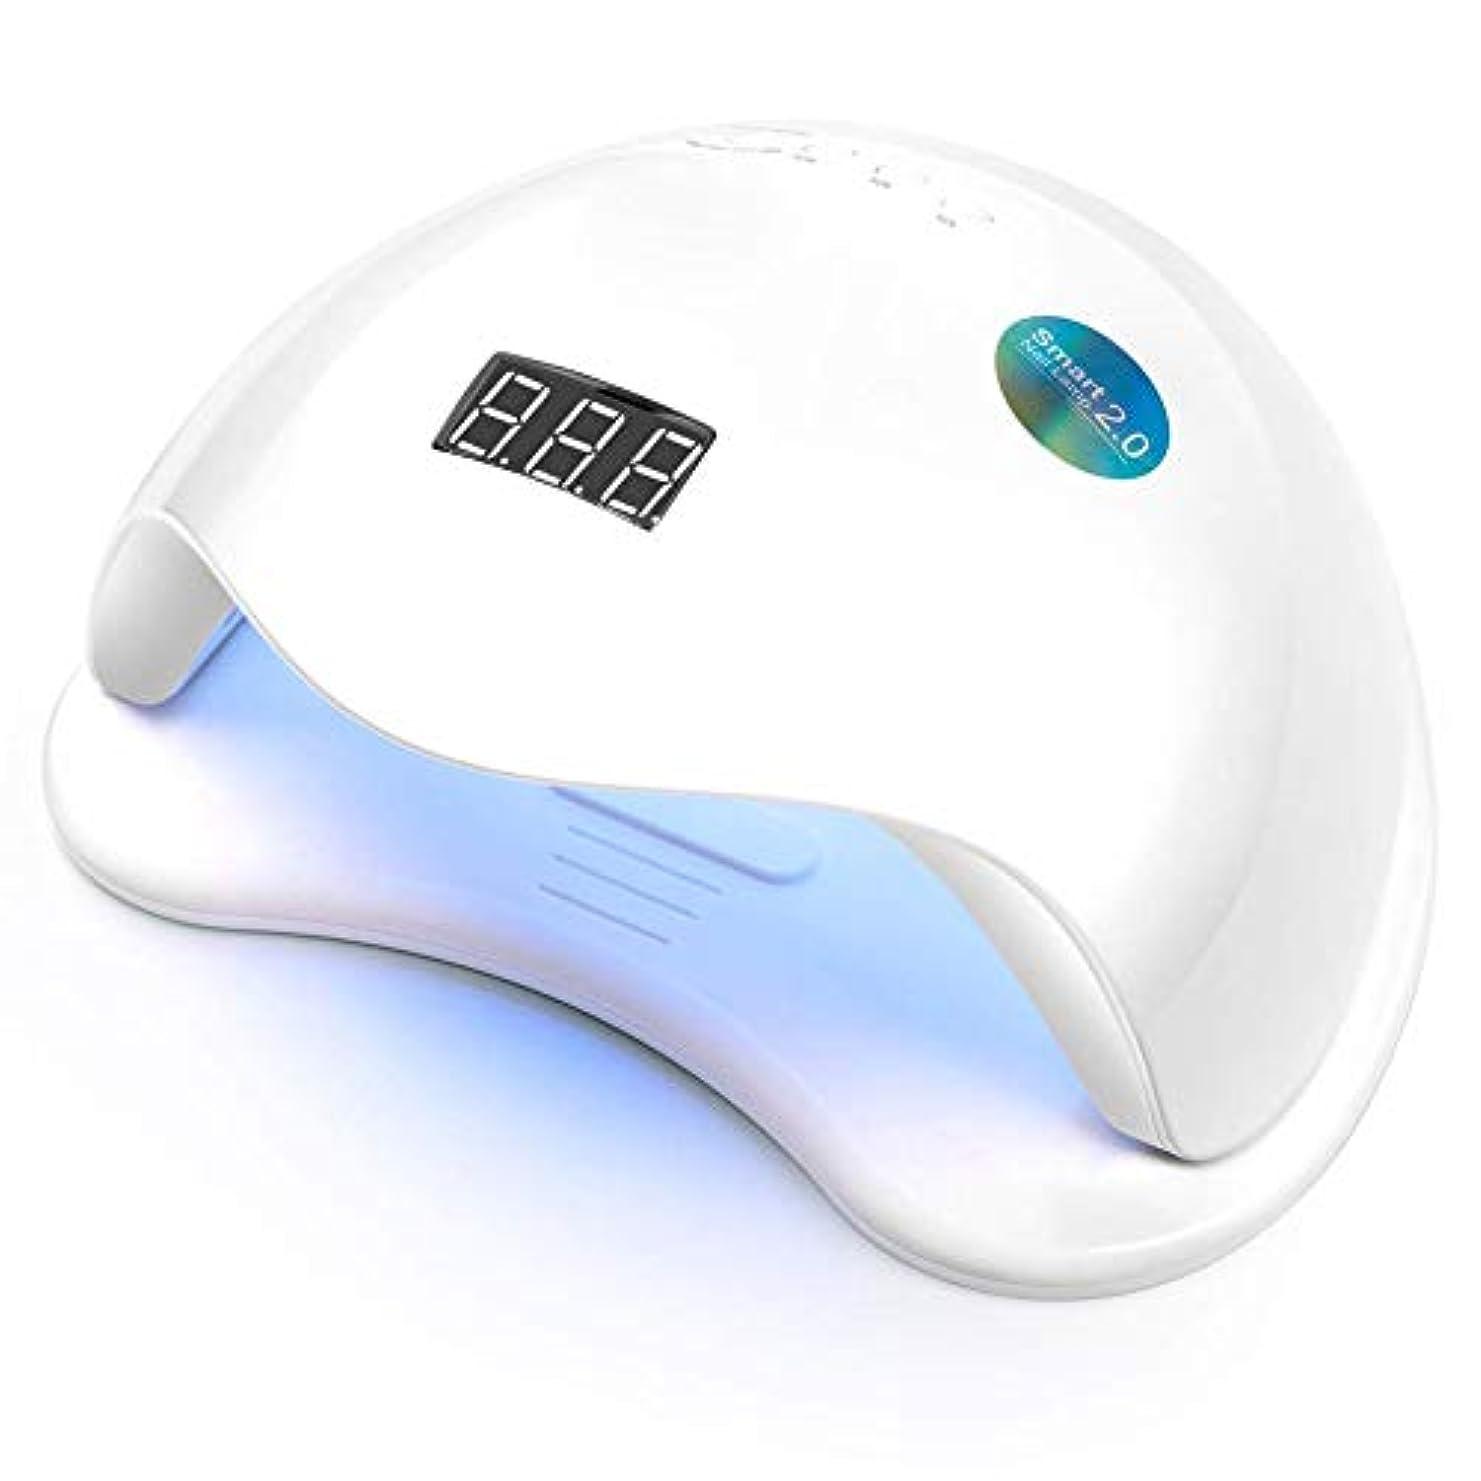 リダクター奇妙な考えUV LEDネイルランプライトドライヤー、ジェルネイルポリッシュ硬化プロフェッショナルビッグサイズ48ワット用ネイルドライヤー硬化ランプ